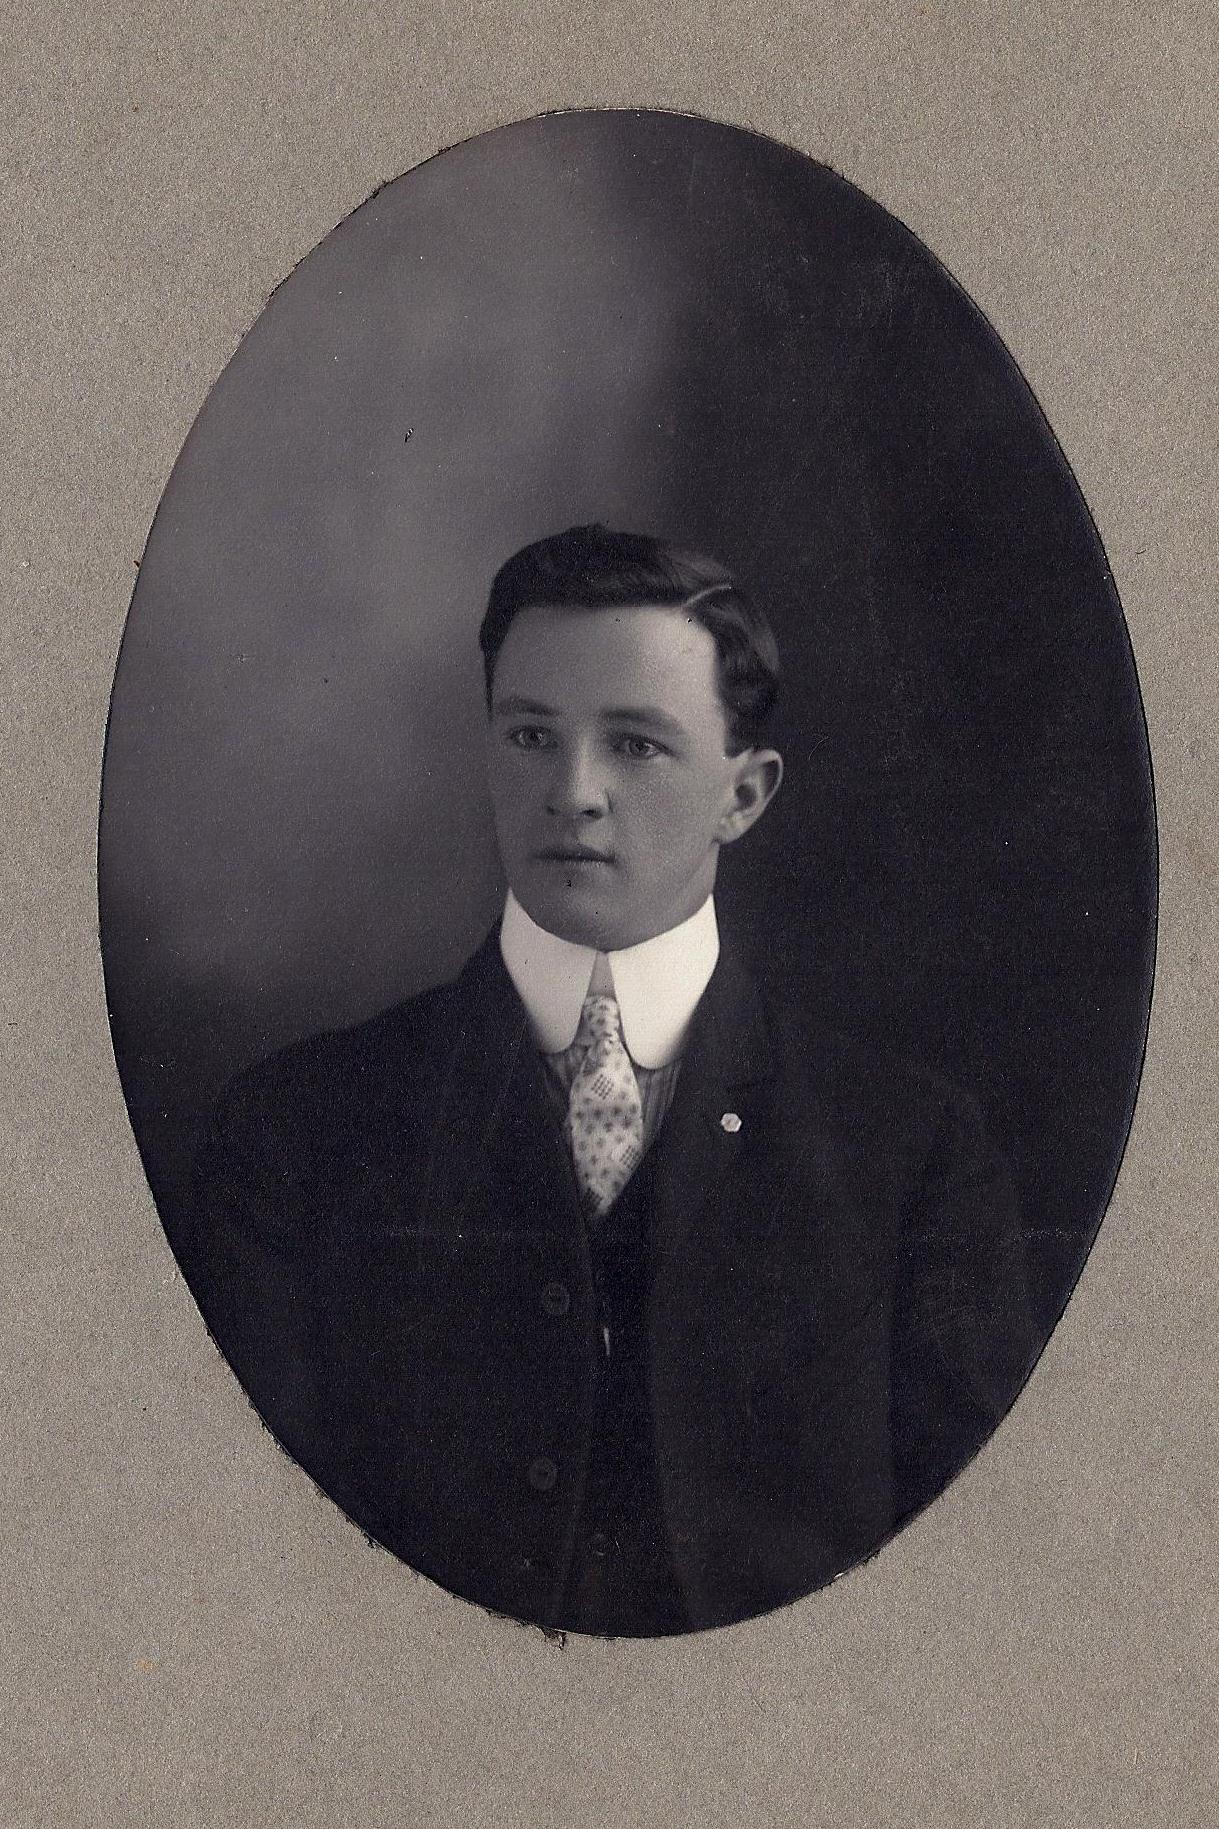 Hugh Z Hewitt